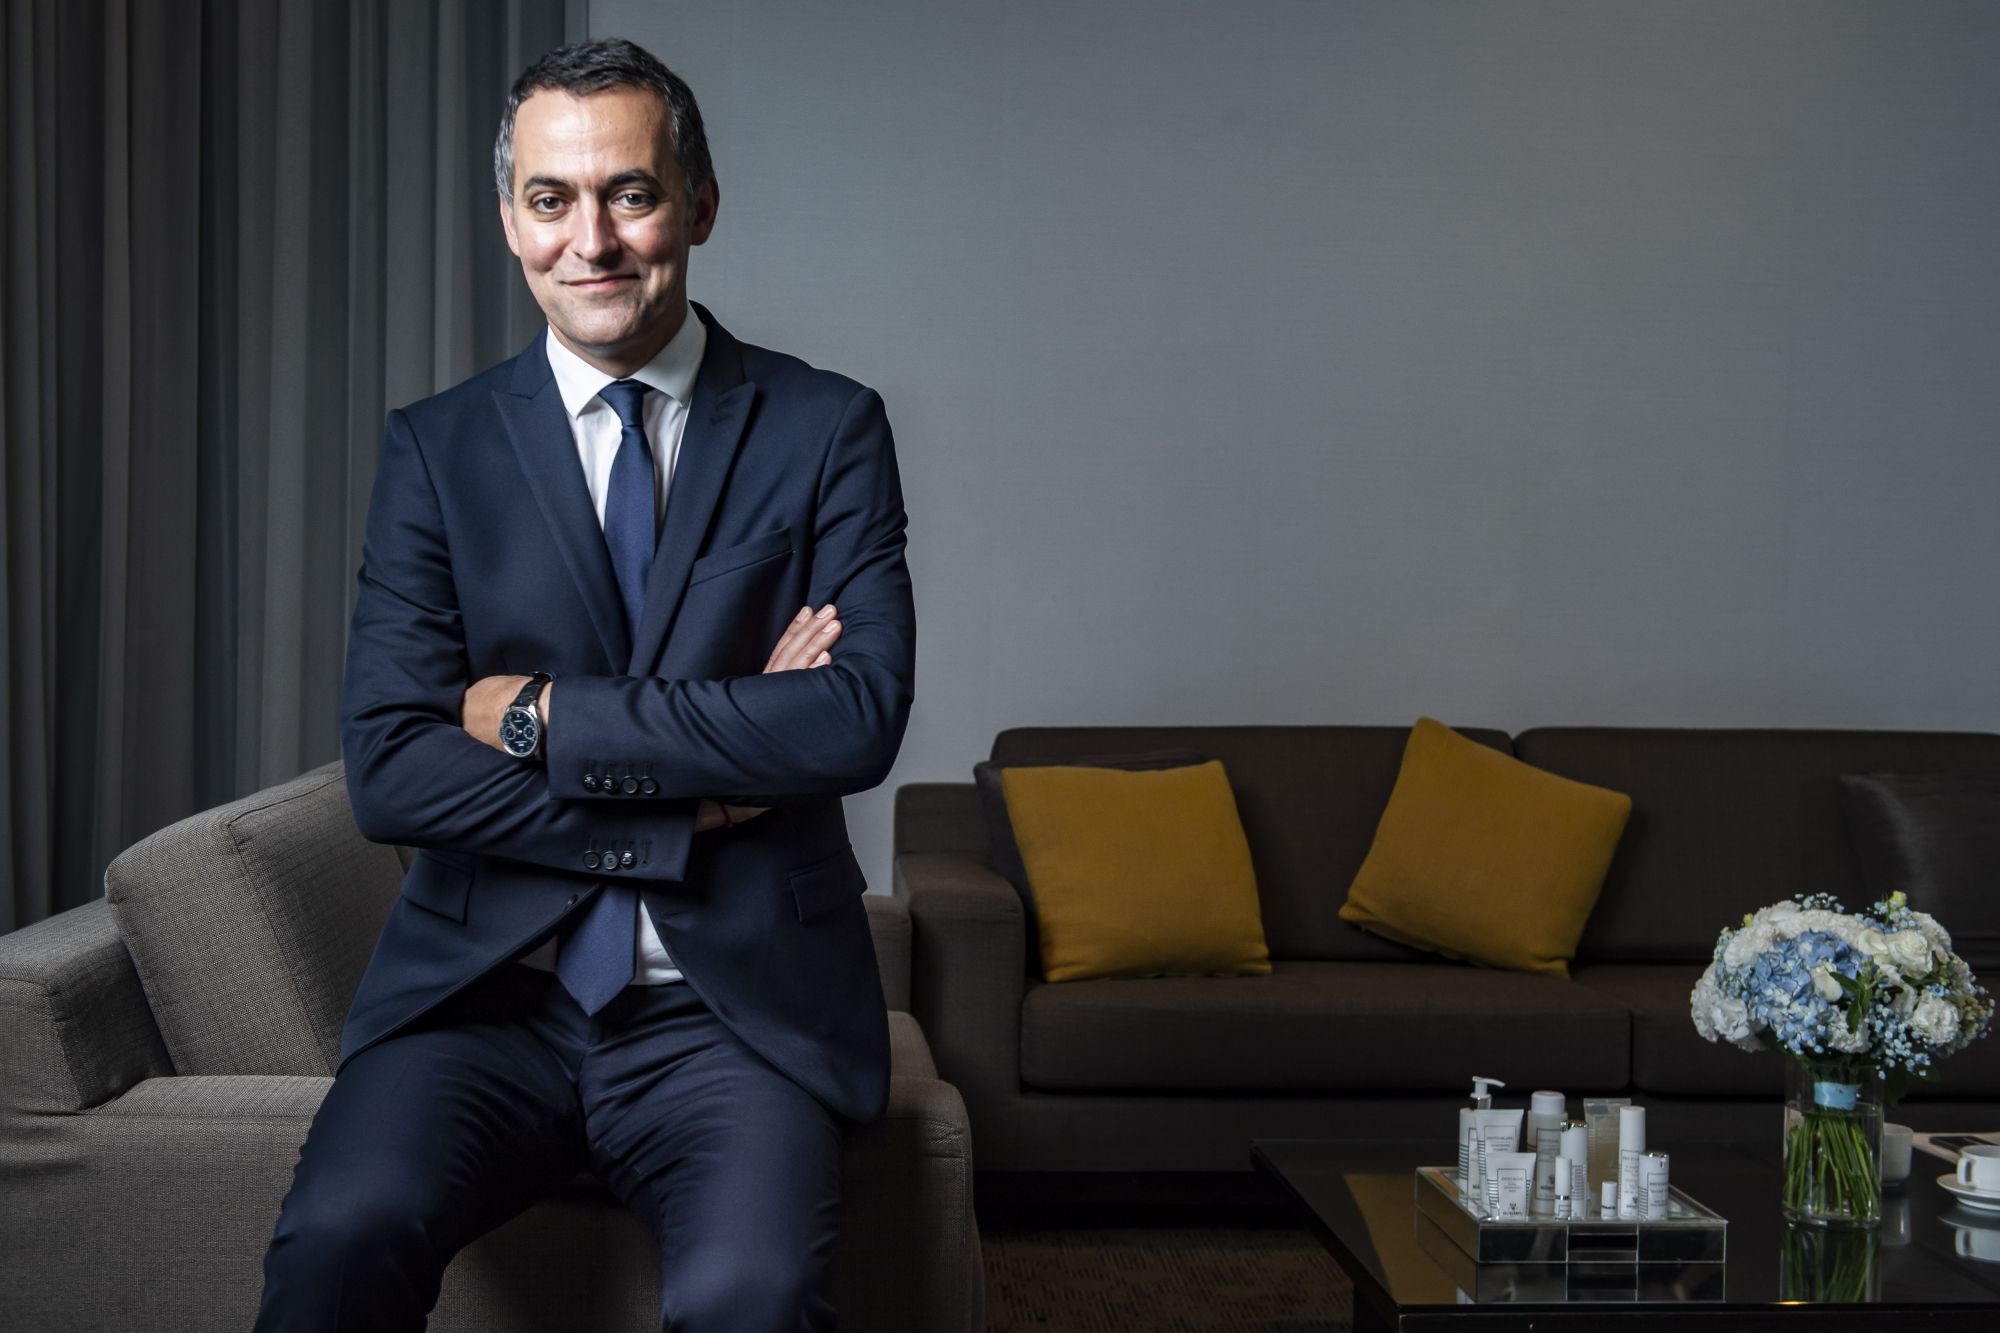 法國男人比你想像得更懂得保養自己?Sisley亞太區總裁Nicolas Chesnier:「我是一個很active的人。」